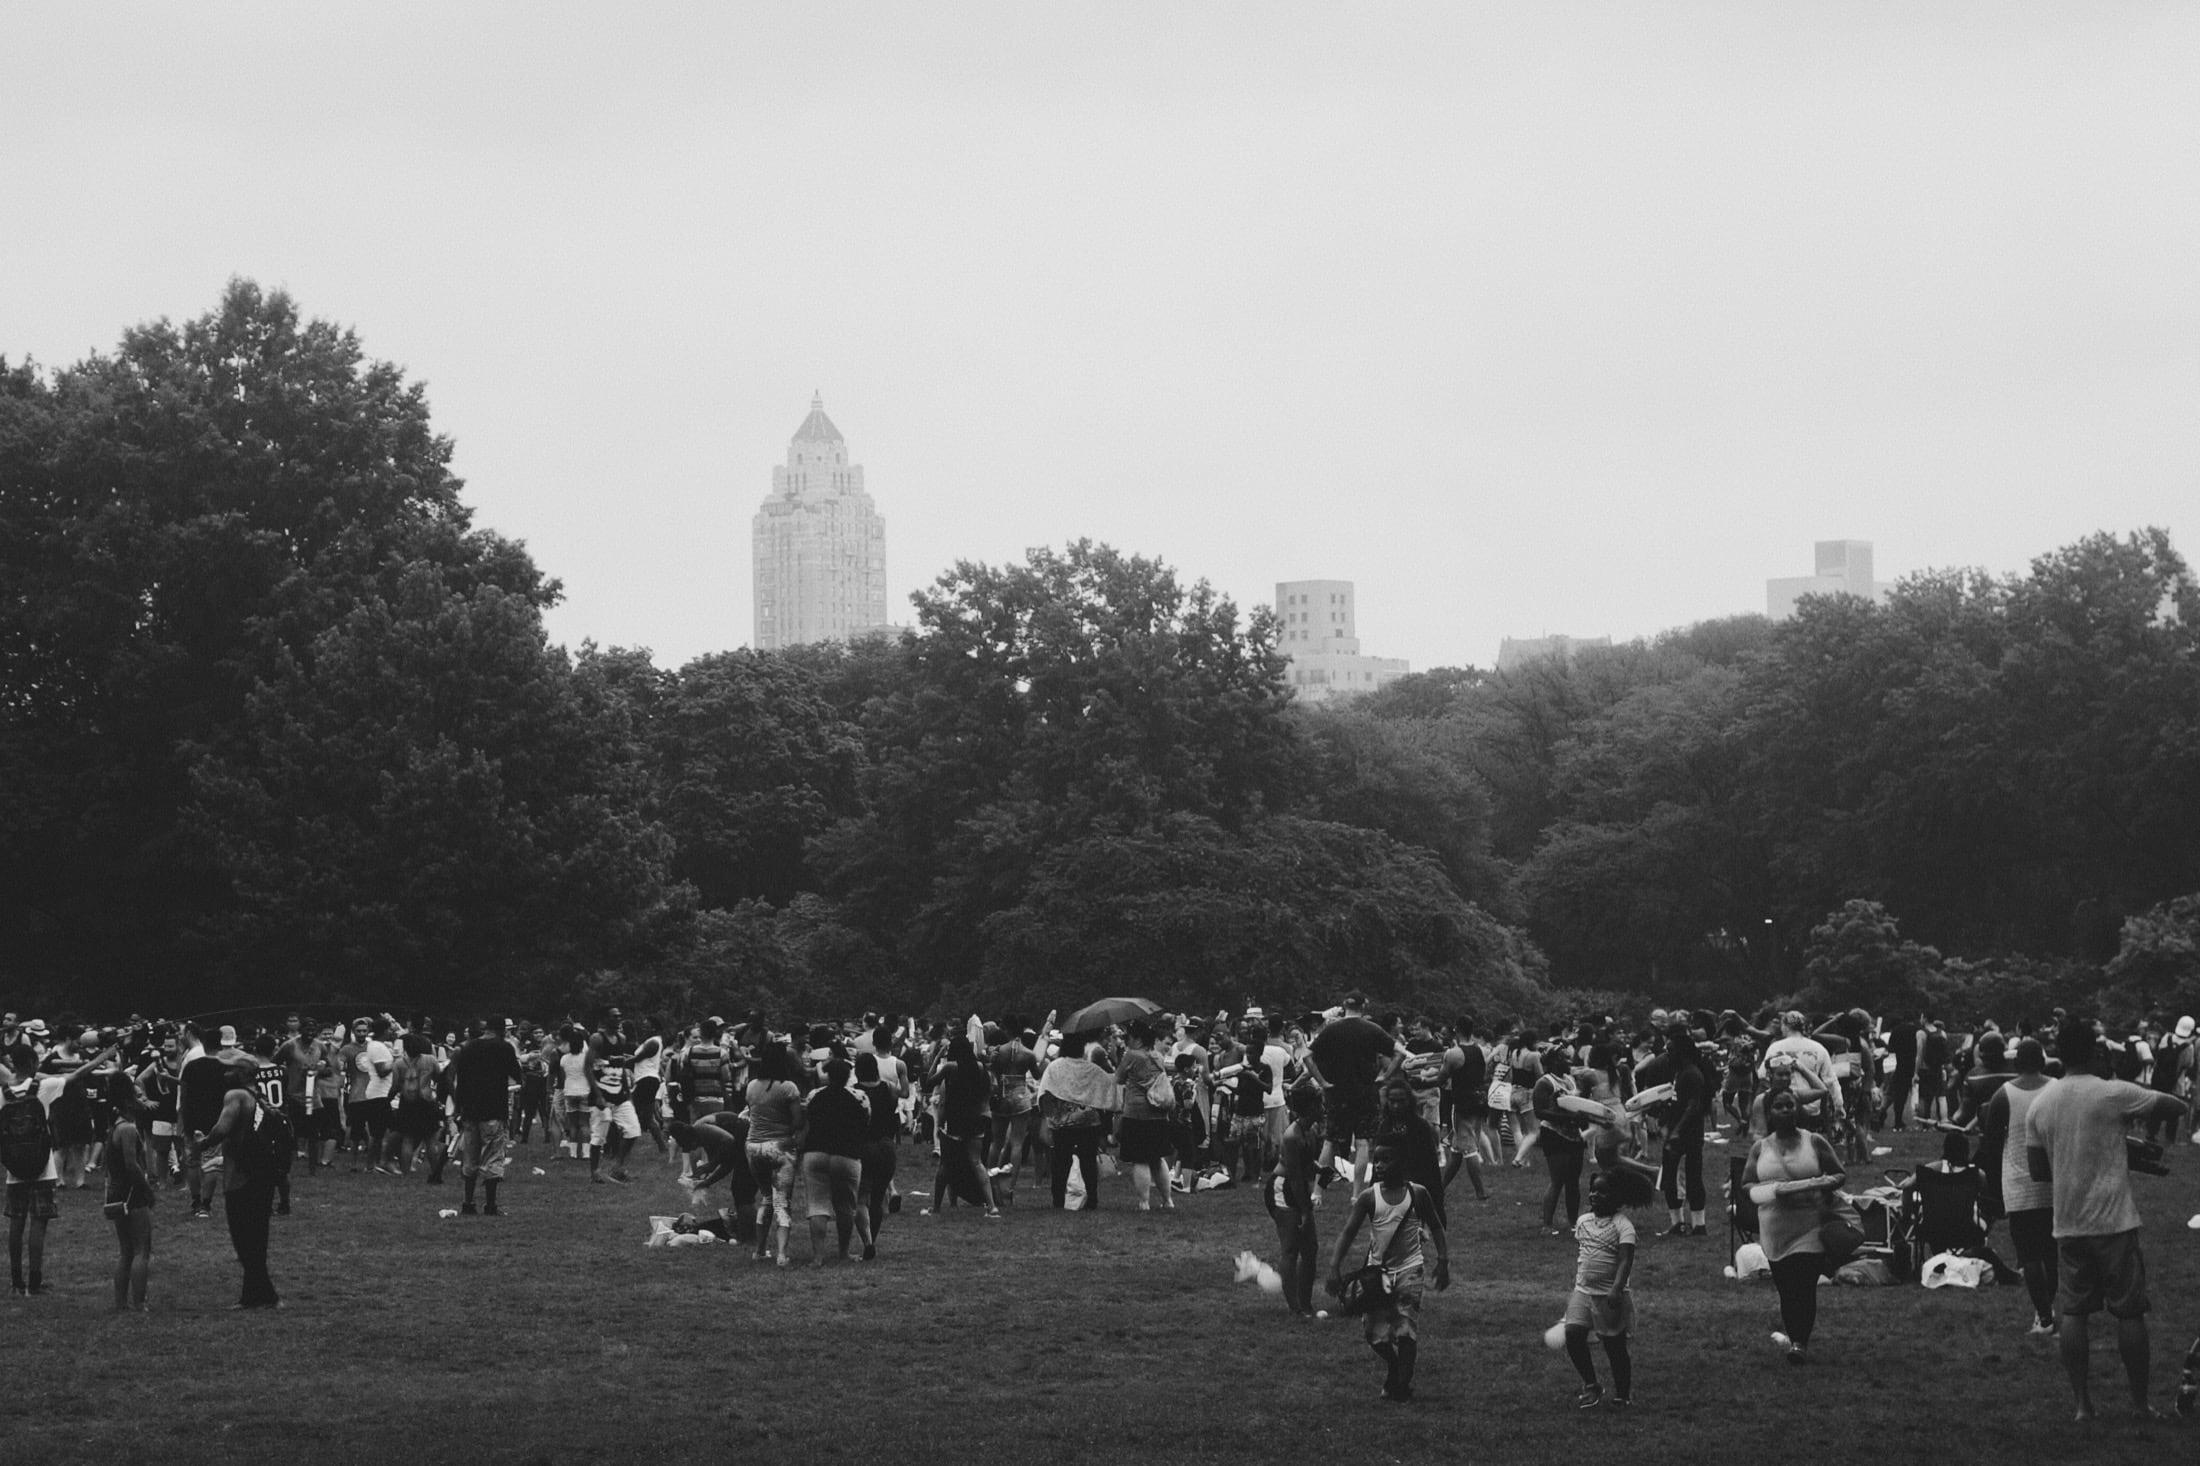 rainy central park (2016)